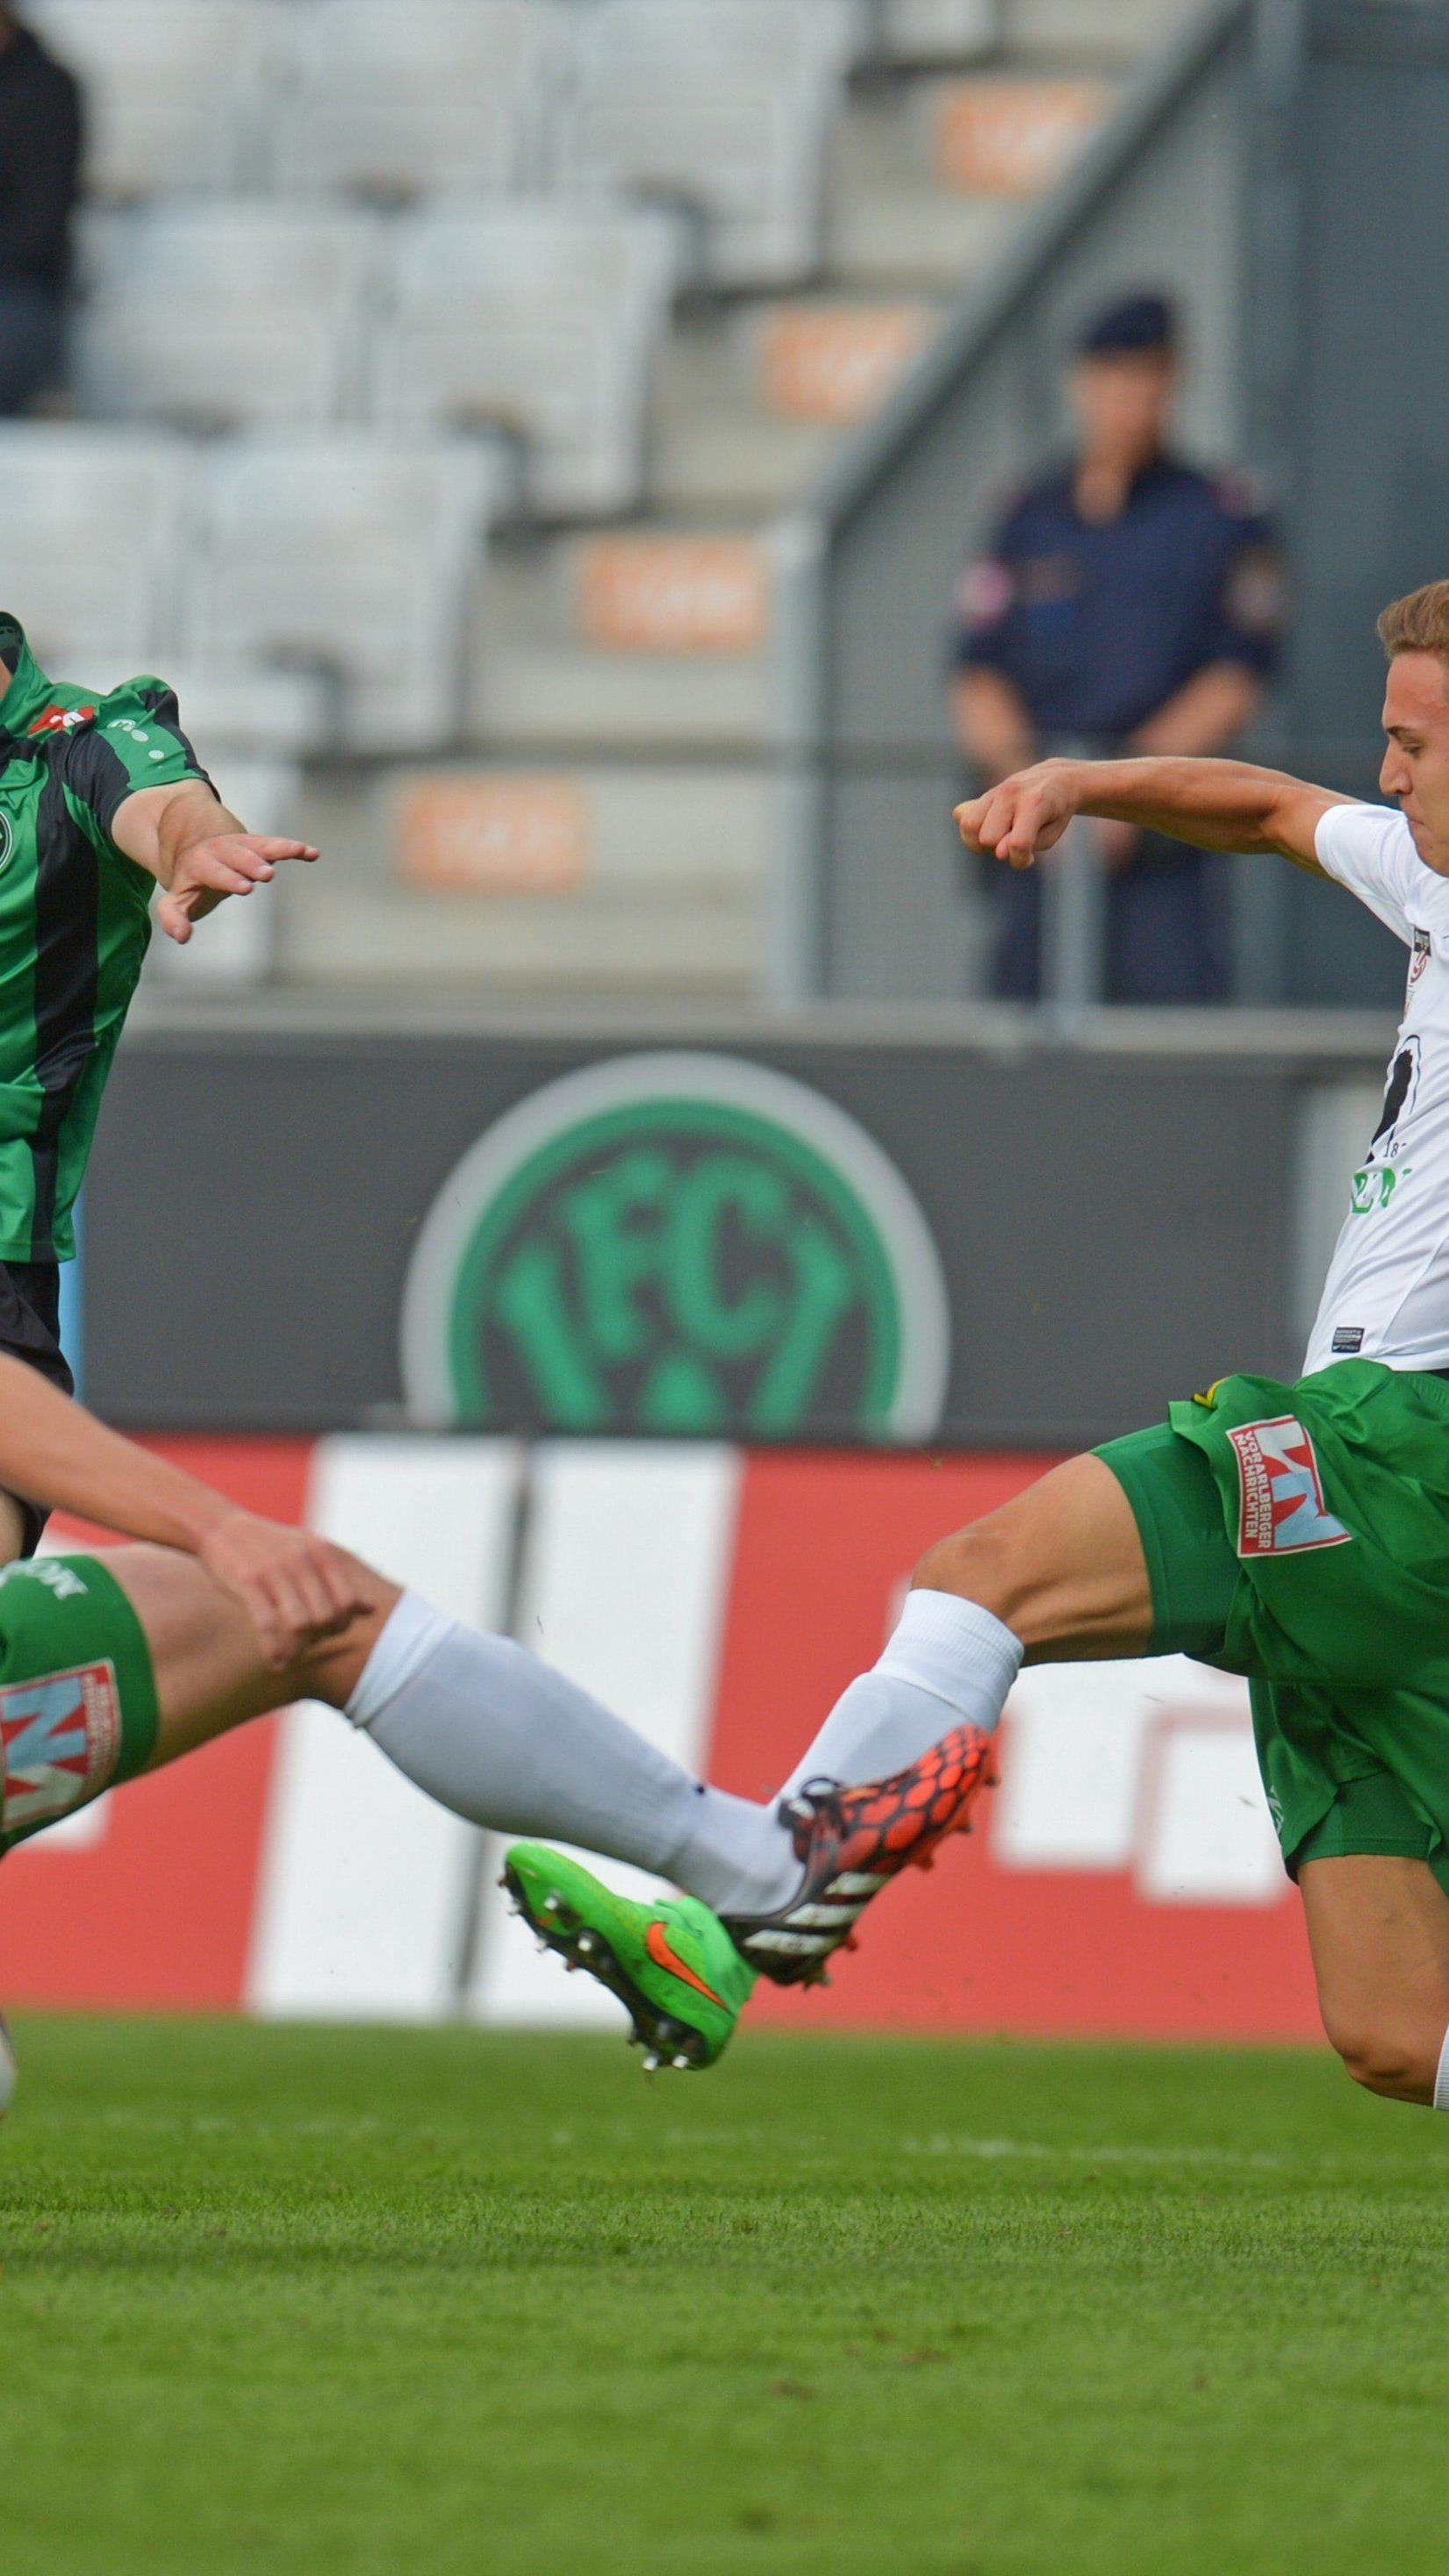 Das erste Saison-Duell hat die Lustenauer Austria in Innsbruck mit 0:1 verloren.